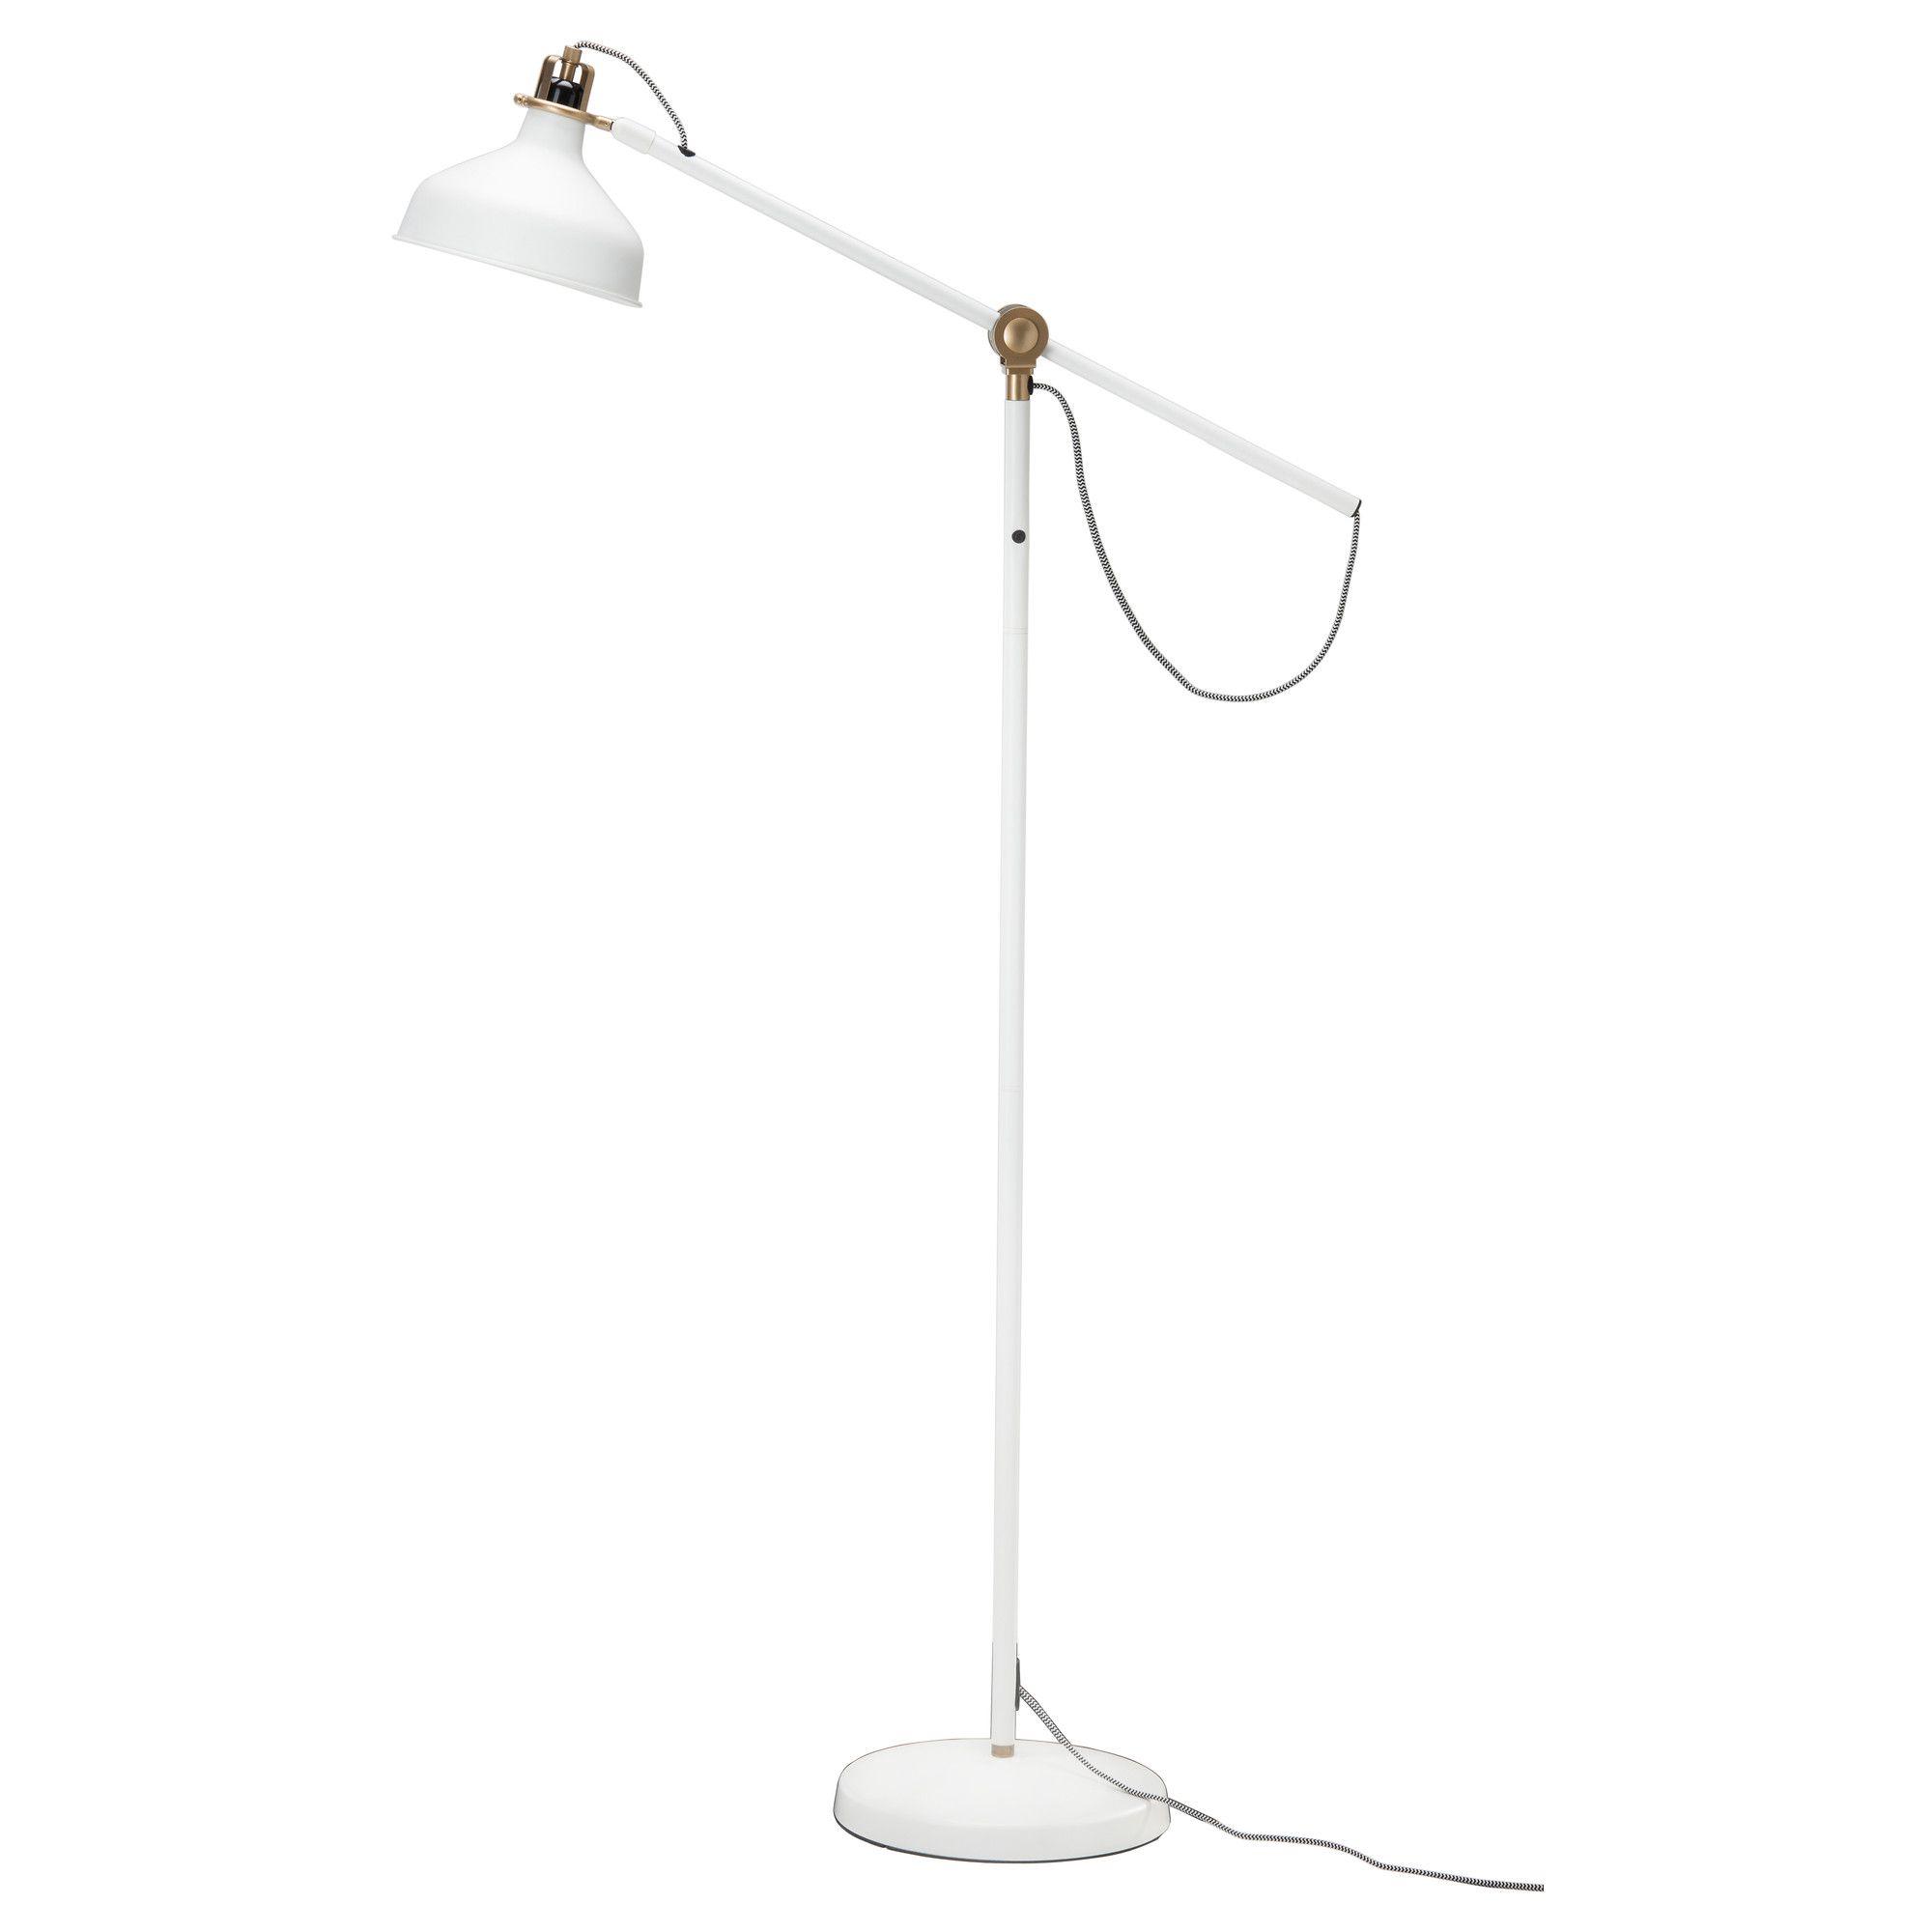 Full Size of Ikea Stehlampen Ranarp Stand Leseleuchte Elfenbeinwei Deutschland Küche Kosten Betten Bei Miniküche Kaufen Wohnzimmer Modulküche Sofa Mit Schlaffunktion Wohnzimmer Ikea Stehlampen